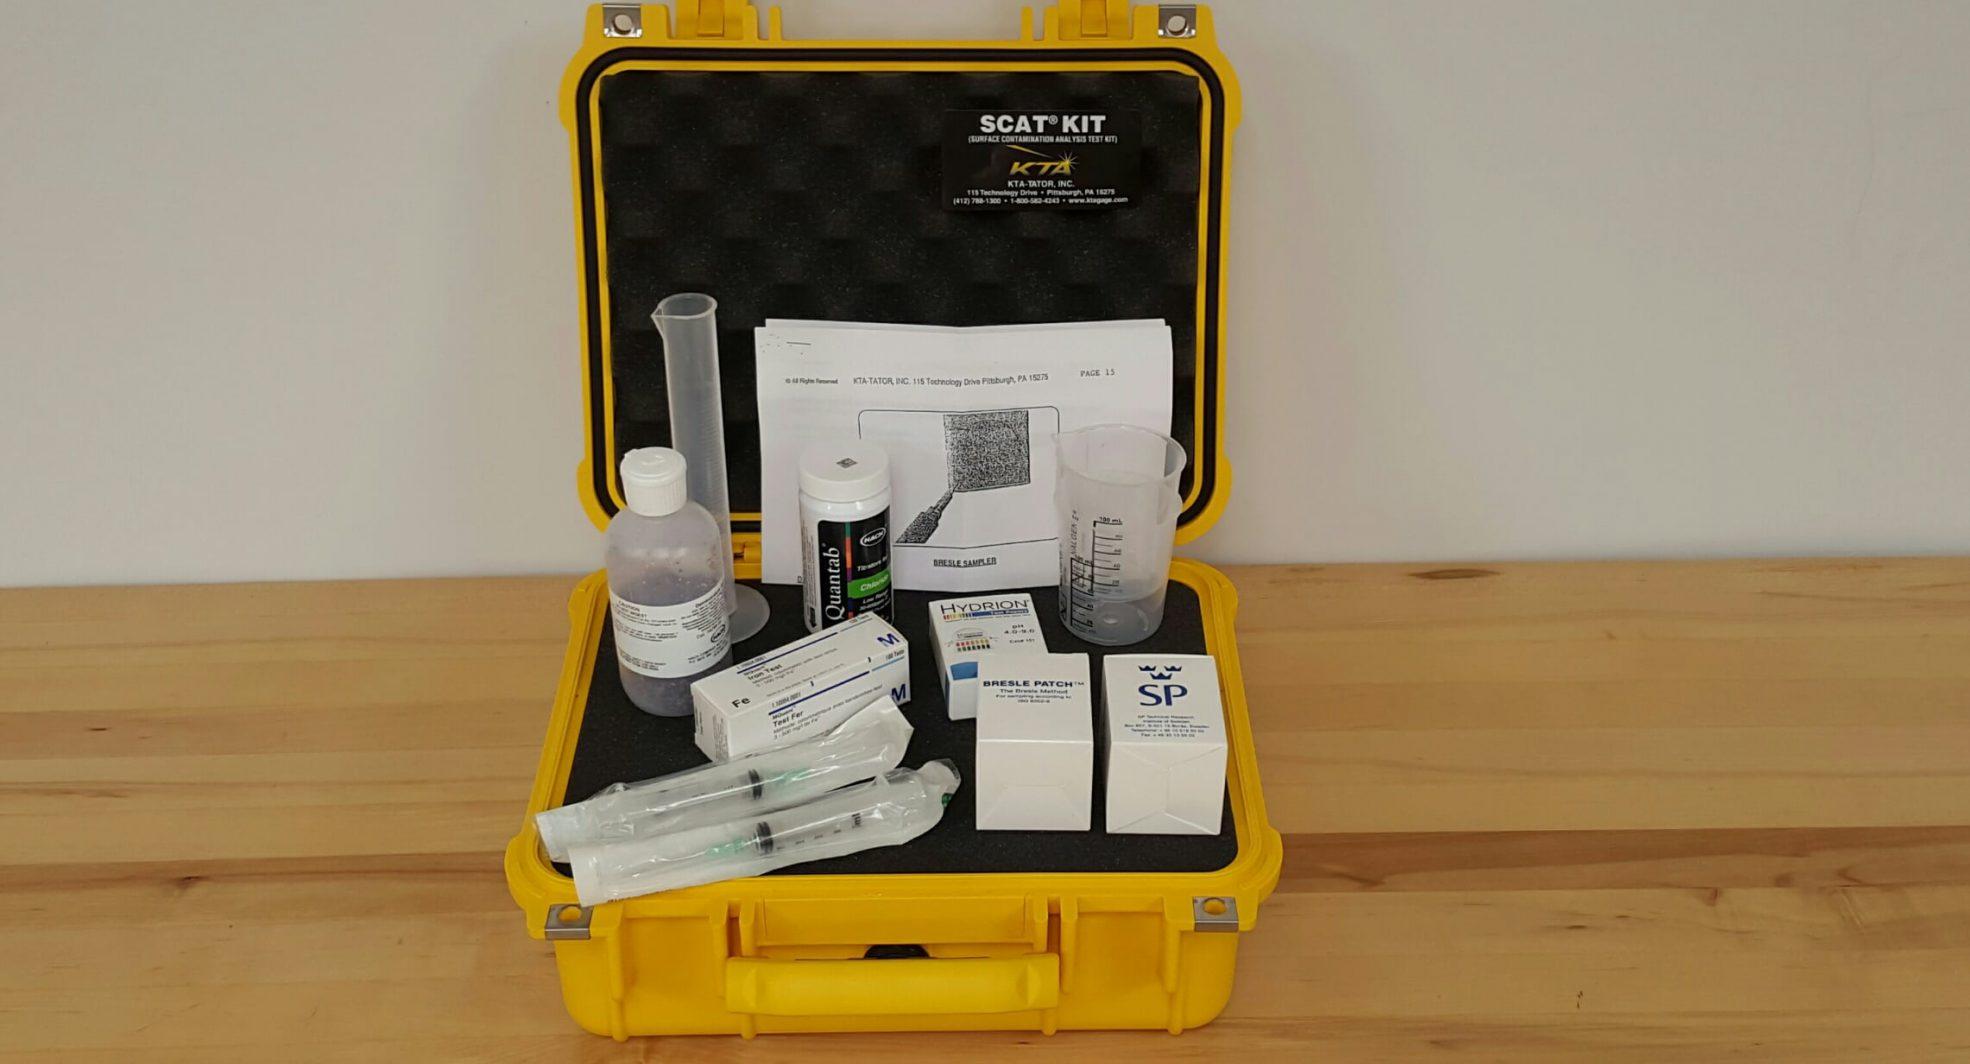 Kta Bresle Scat Kit 1 Get Yours Today At Kta Gage